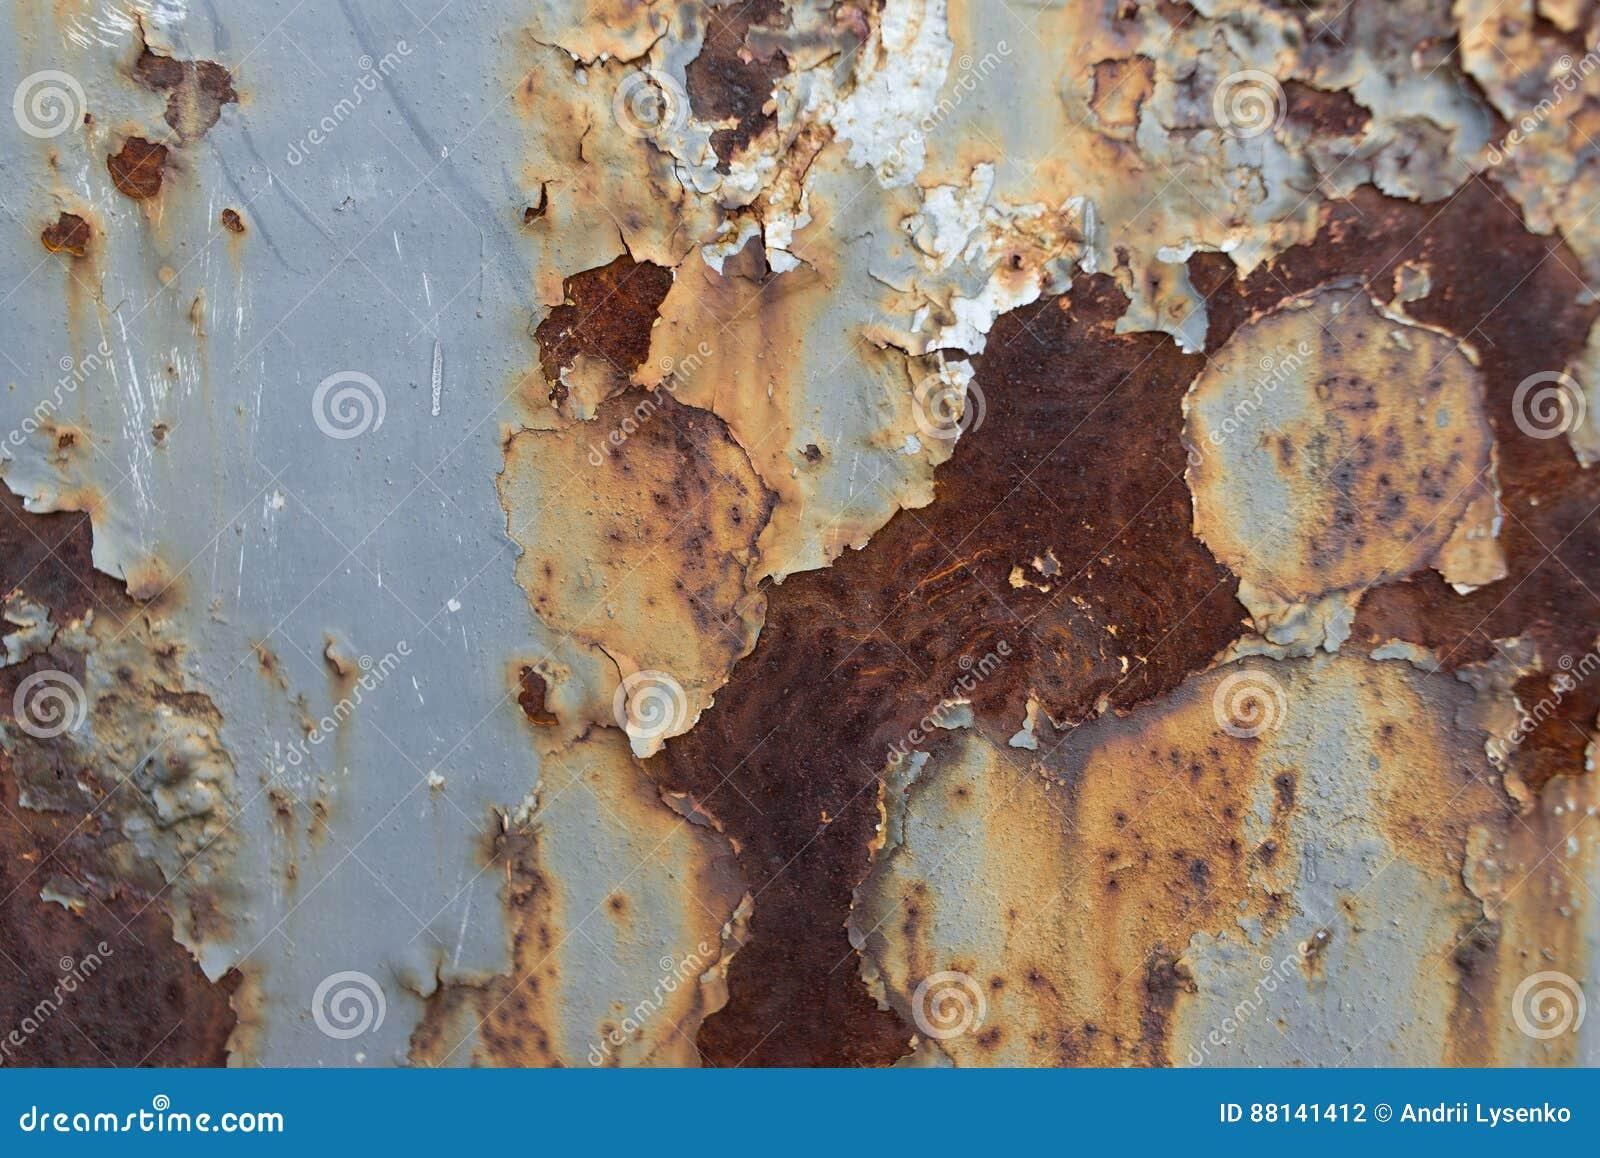 Blech Im Rost Stockfoto Bild Von Industriell Grunge 88141412